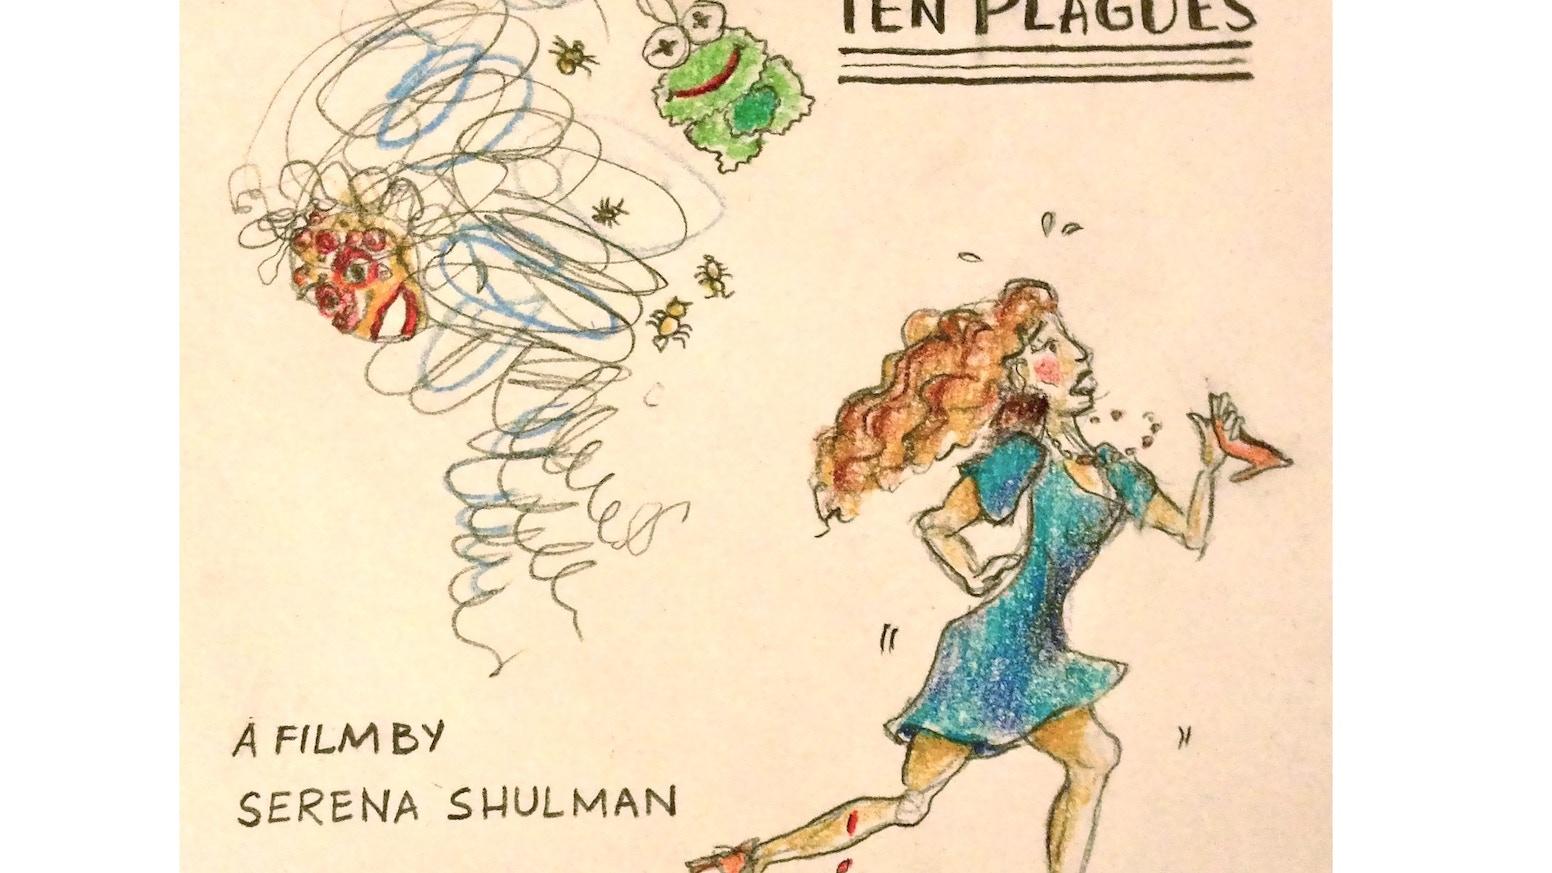 The Ten Plagues A Comedy By Serena Shulman Kickstarter